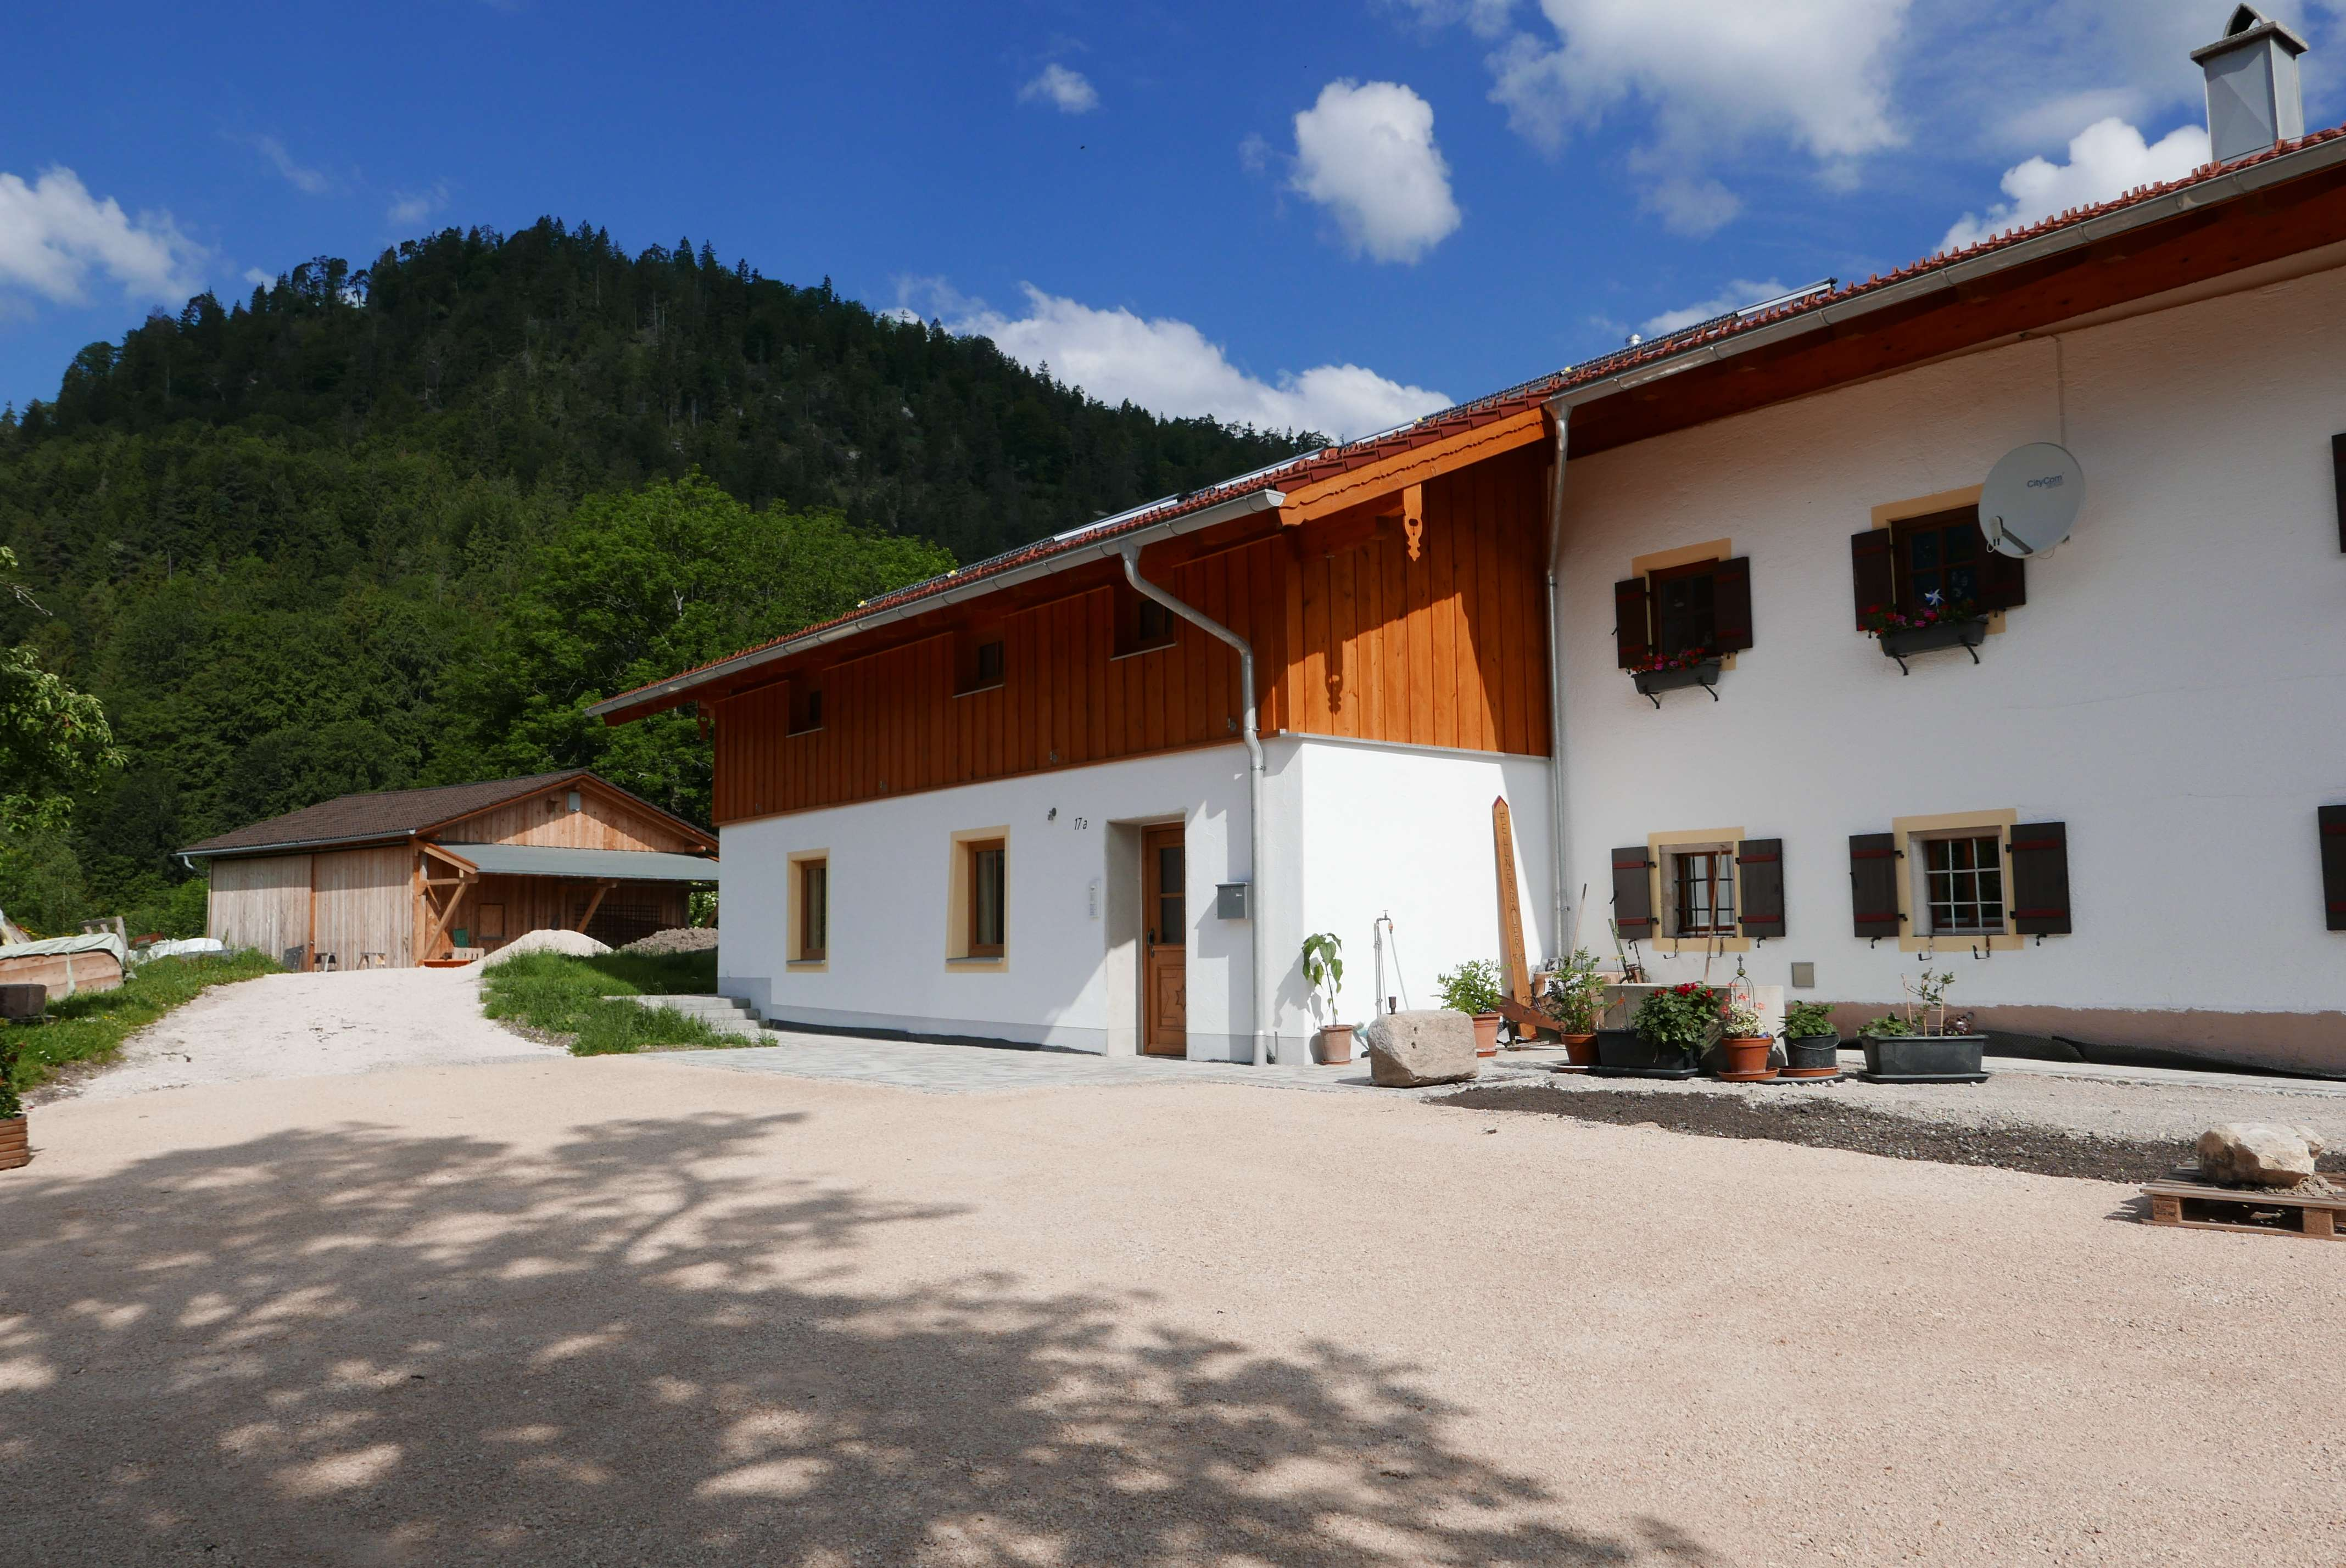 Neubau-Erstbezug. 2 Zimmer-Maisonette Wohnung in wunderbar ruhiger Lage mit herrlichem Ausblick. in